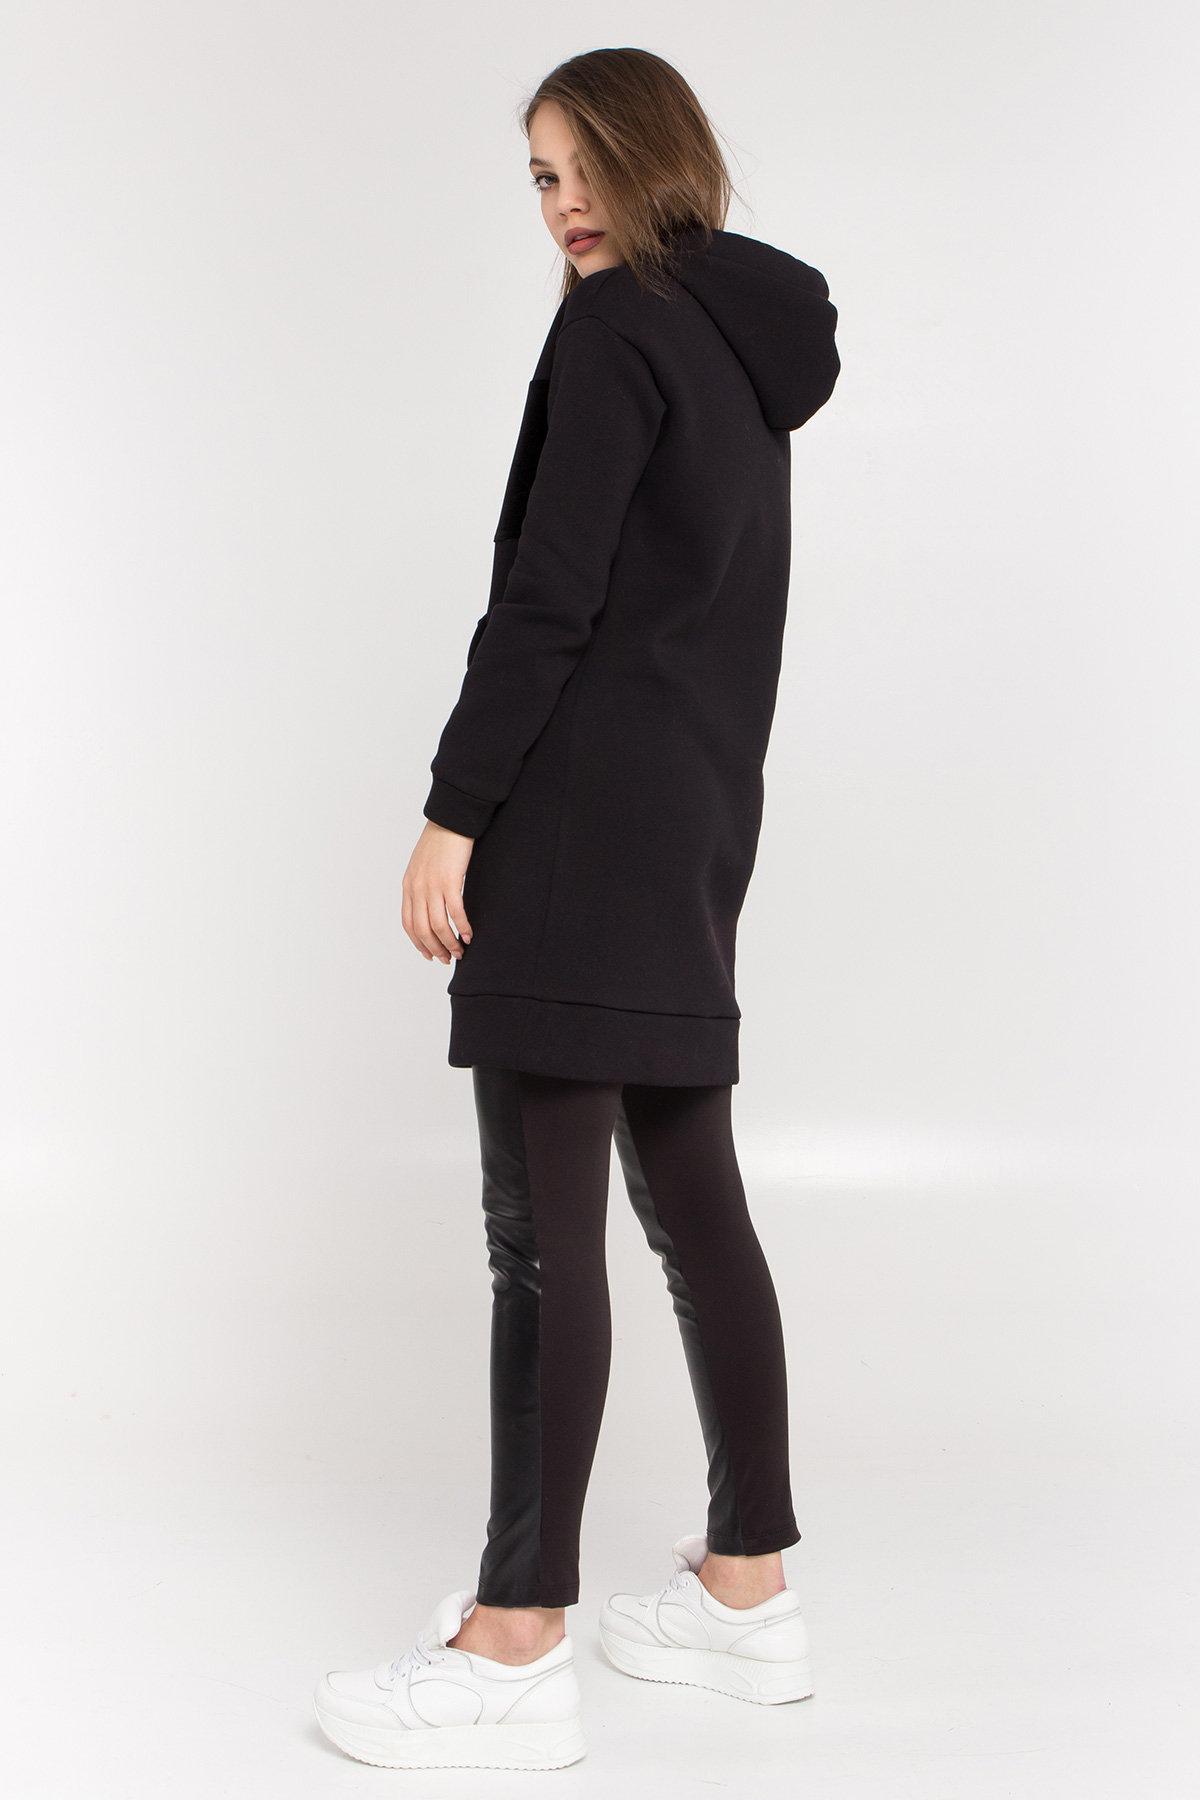 Платье худи Томми 8703 АРТ. 45099 Цвет: Черный/черный - фото 5, интернет магазин tm-modus.ru